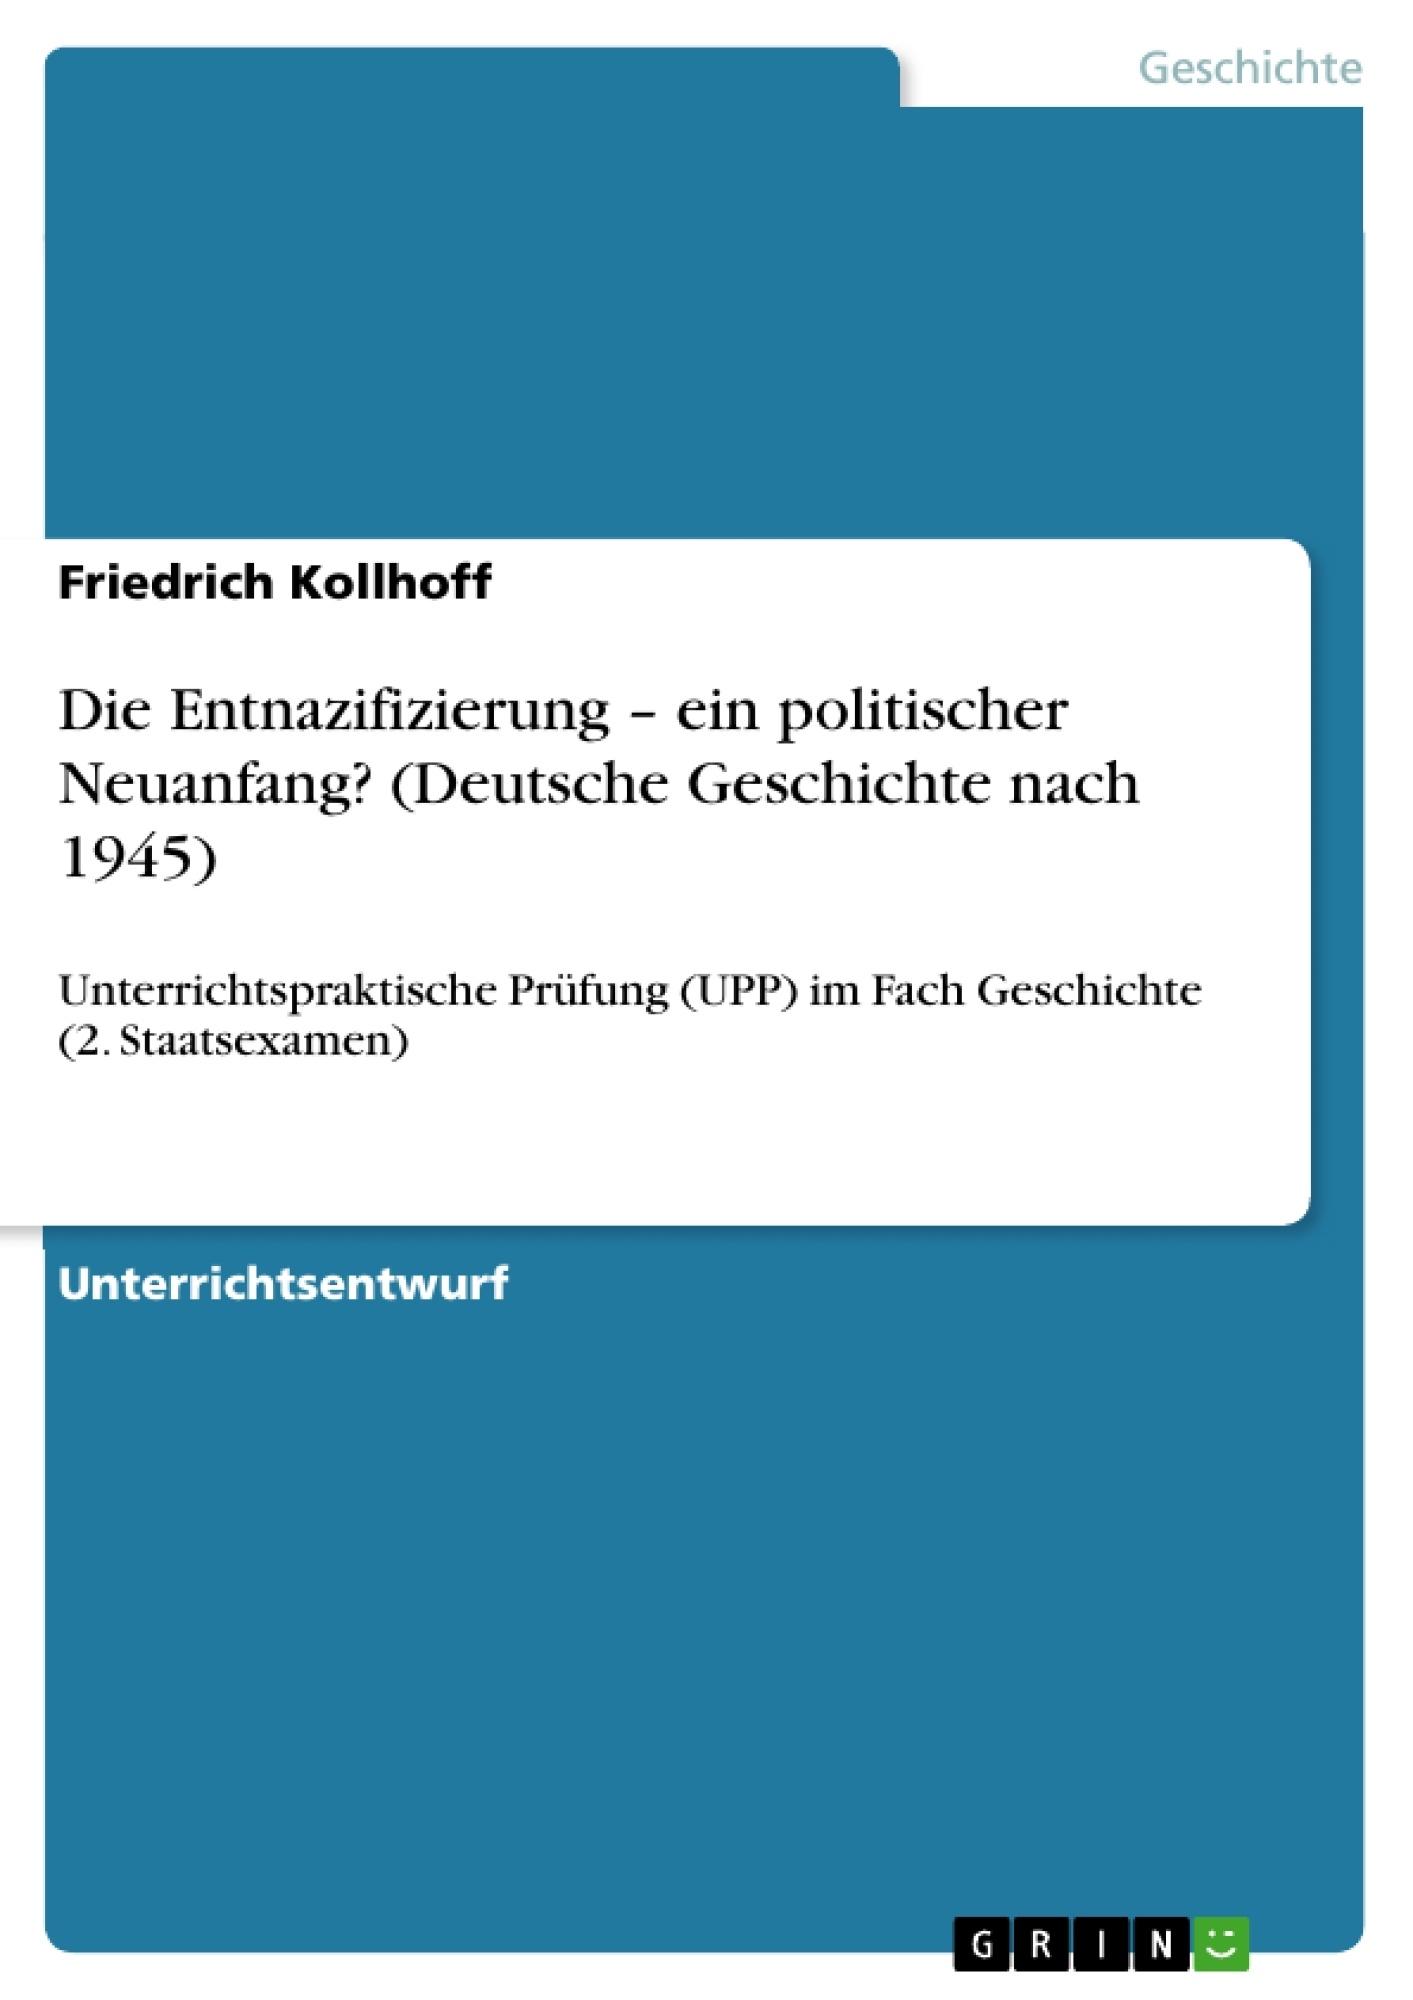 Titel: Die Entnazifizierung – ein politischer Neuanfang? (Deutsche Geschichte nach 1945)